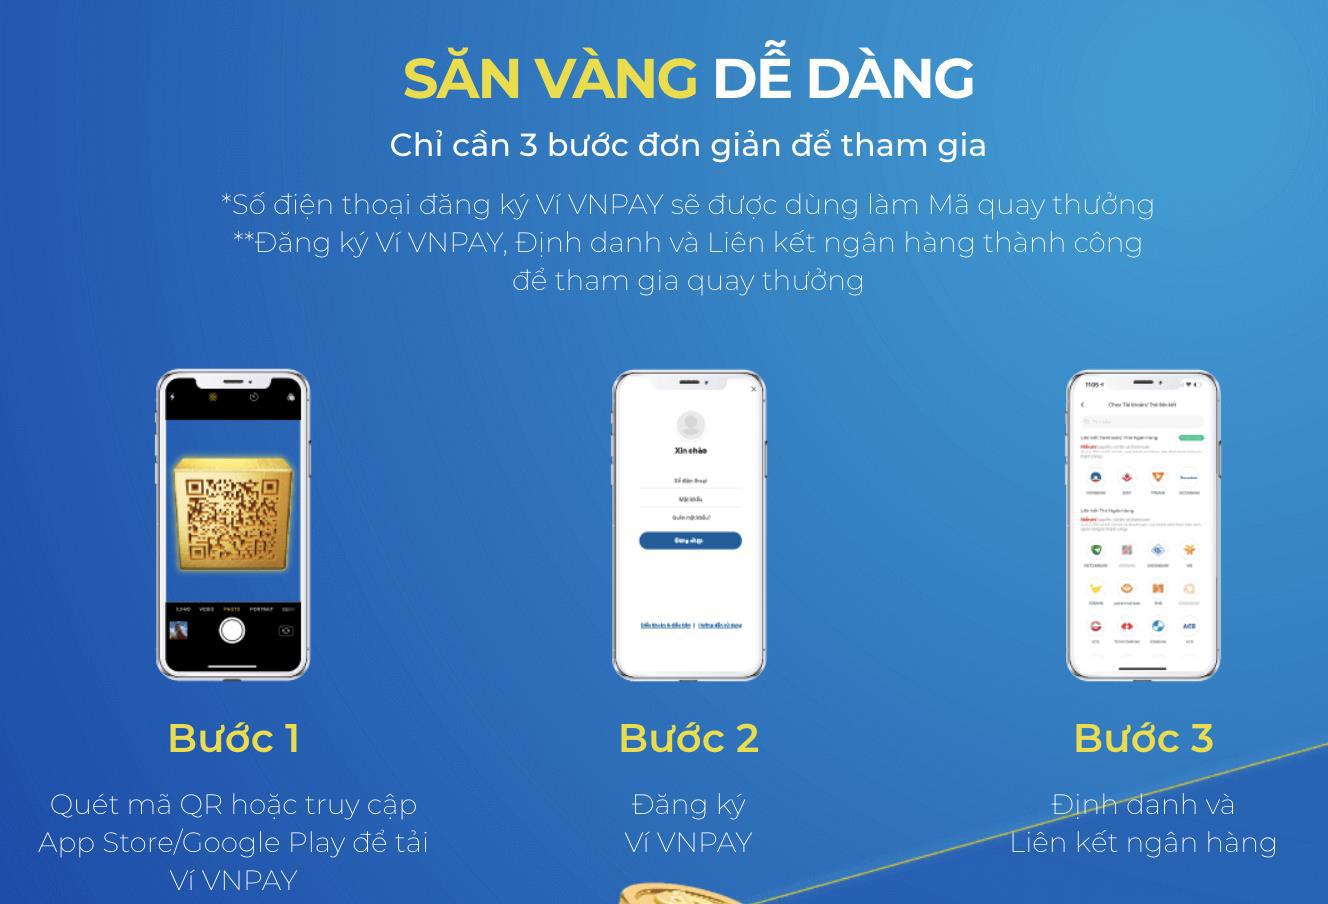 Giải mã trào lưu săn vàng thu hút hàng loạt sao Việt cùng fan - Ảnh 5.